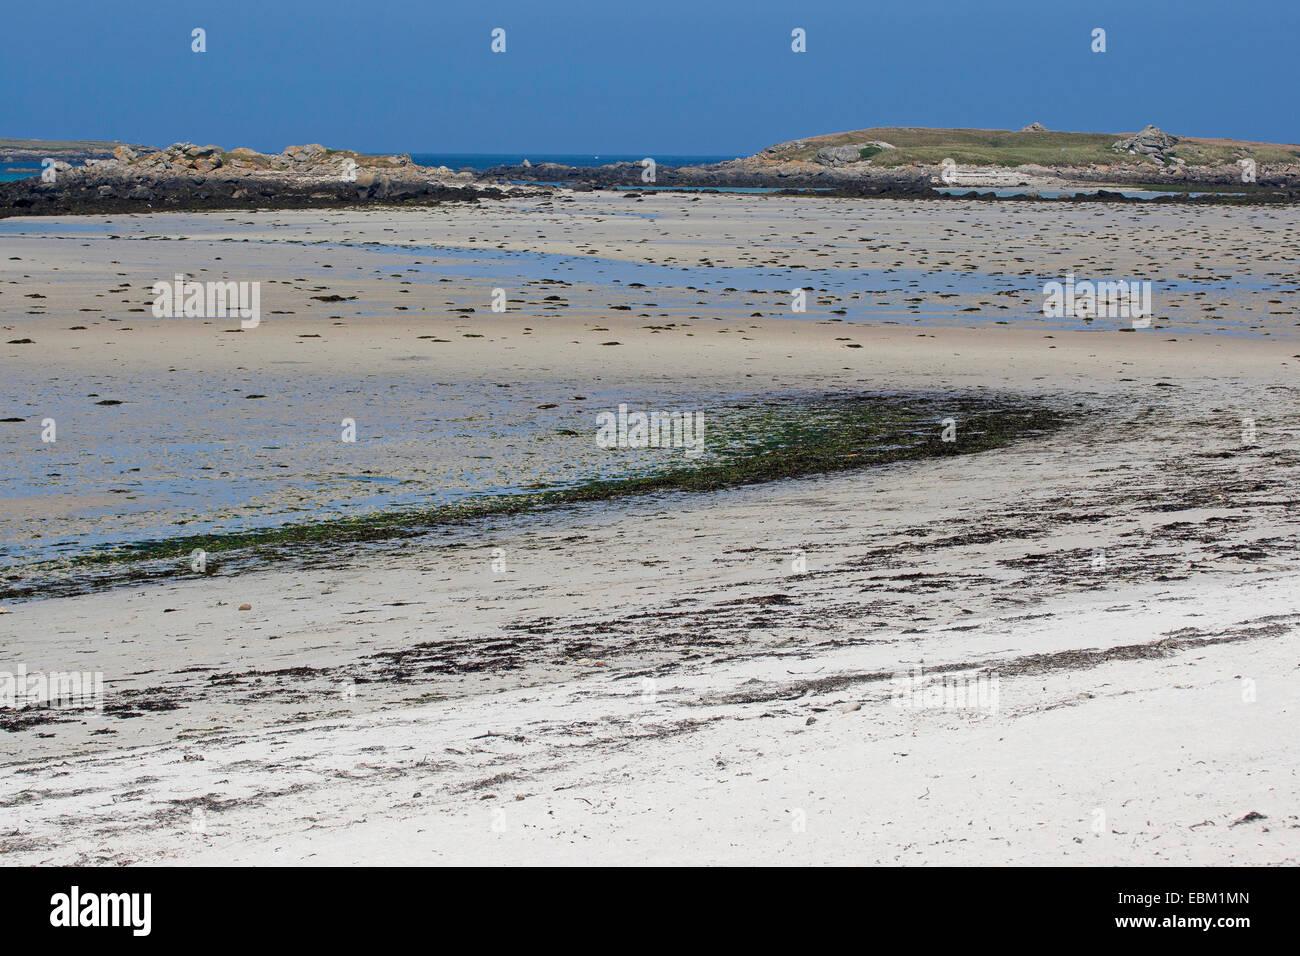 Segment de plage à marée basse, France, Bretagne, Océan Atlantique Banque D'Images